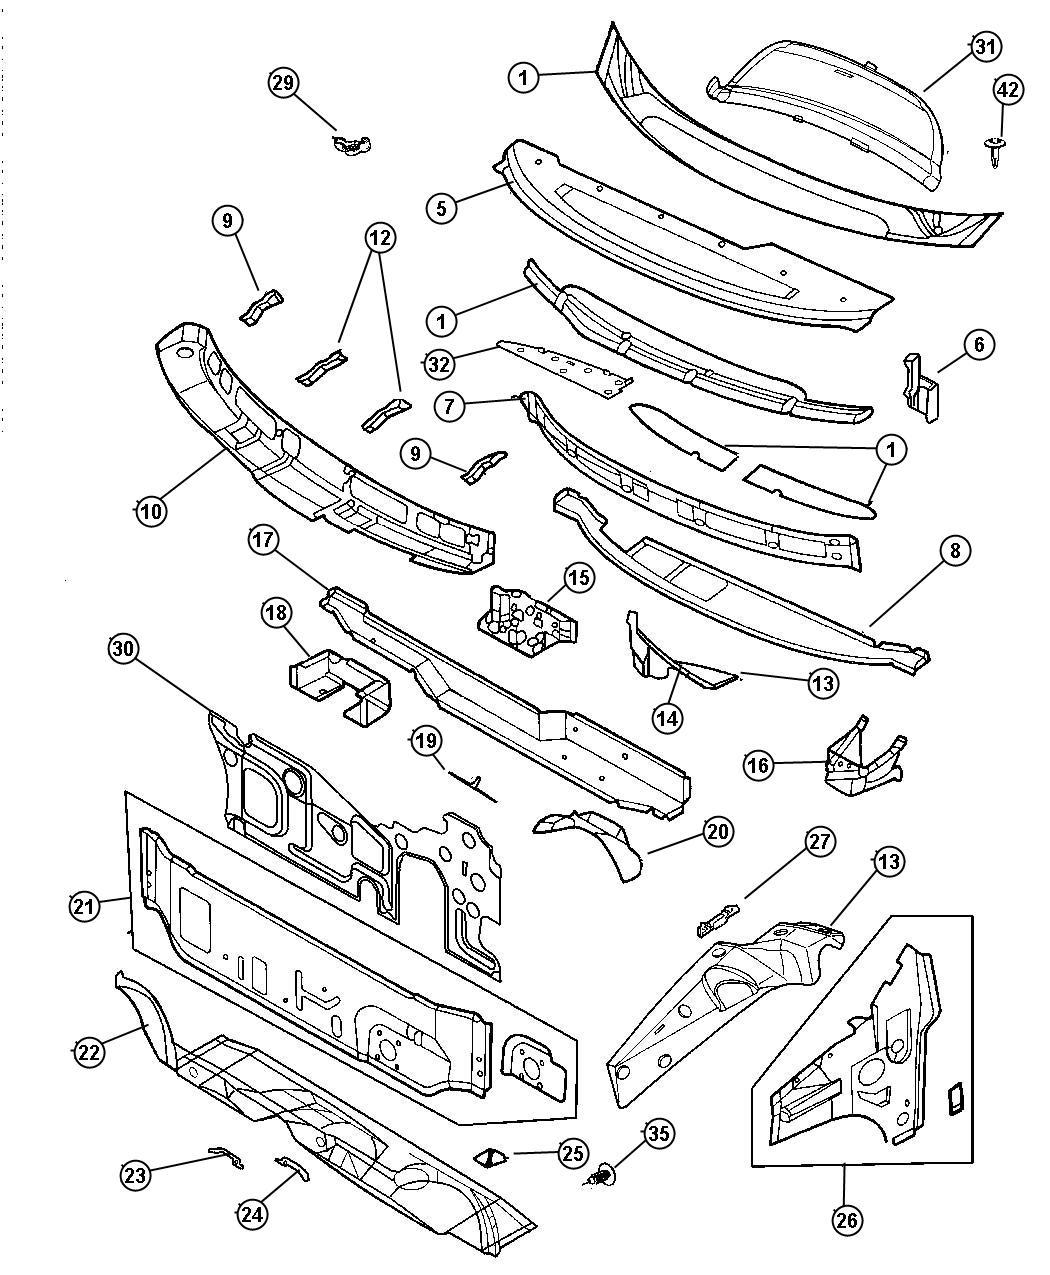 Chrysler Pt Cruiser Grommet. Glass, rear wiper motor